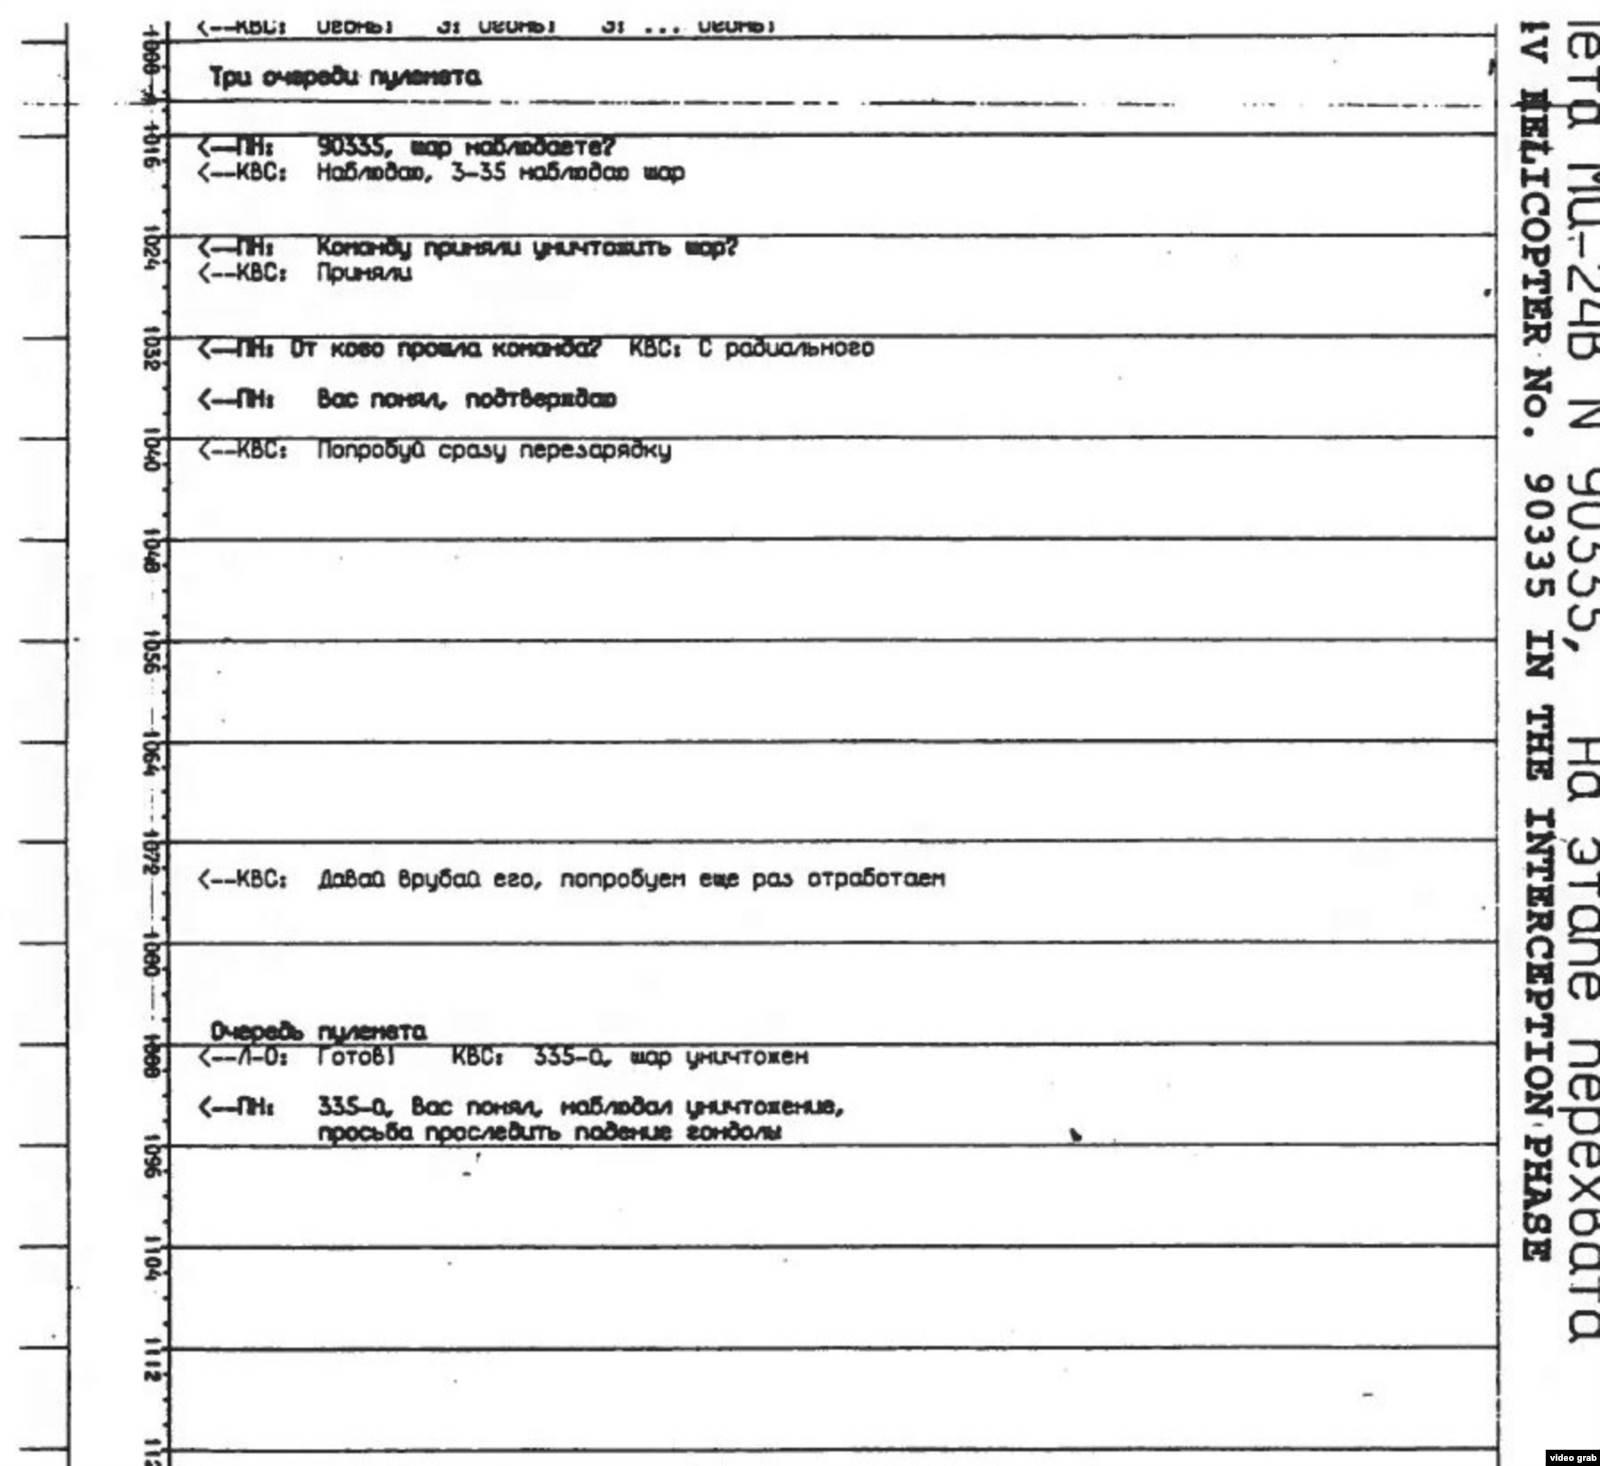 Фрагмент переговоров пилота вертолета с диспетчером. Источник: отчет МАК